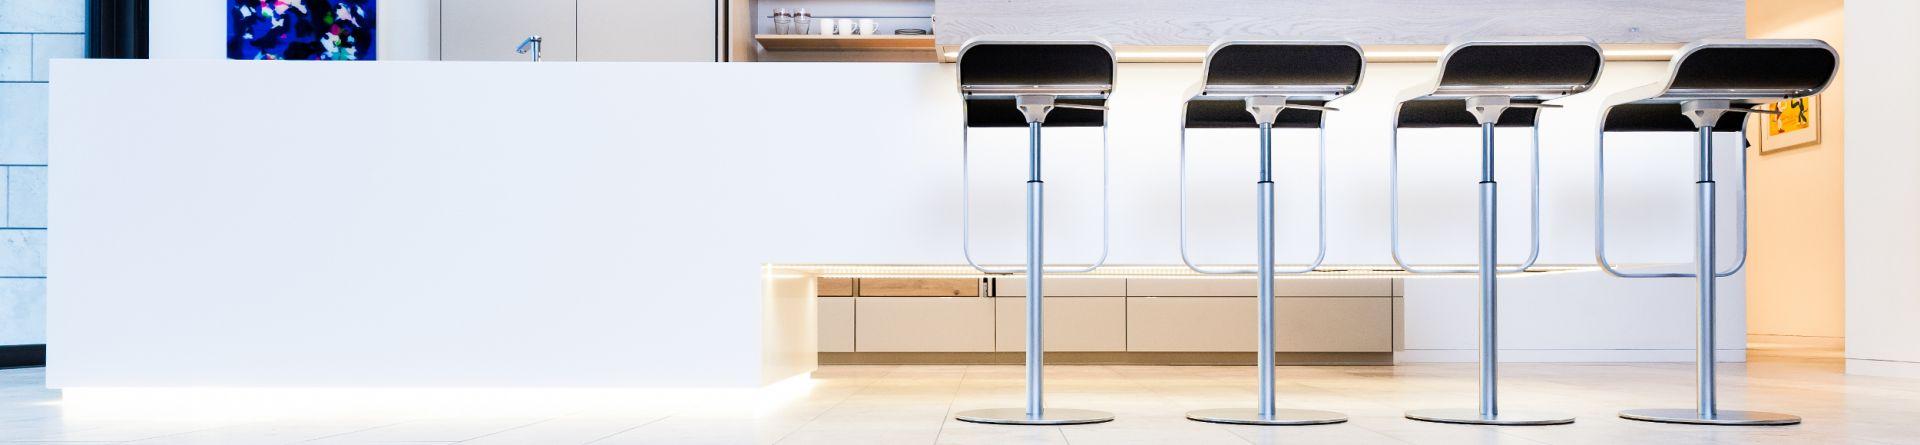 Klocke, küchen, badmöbel, innenausbau, magnetische kreidetafeln ...